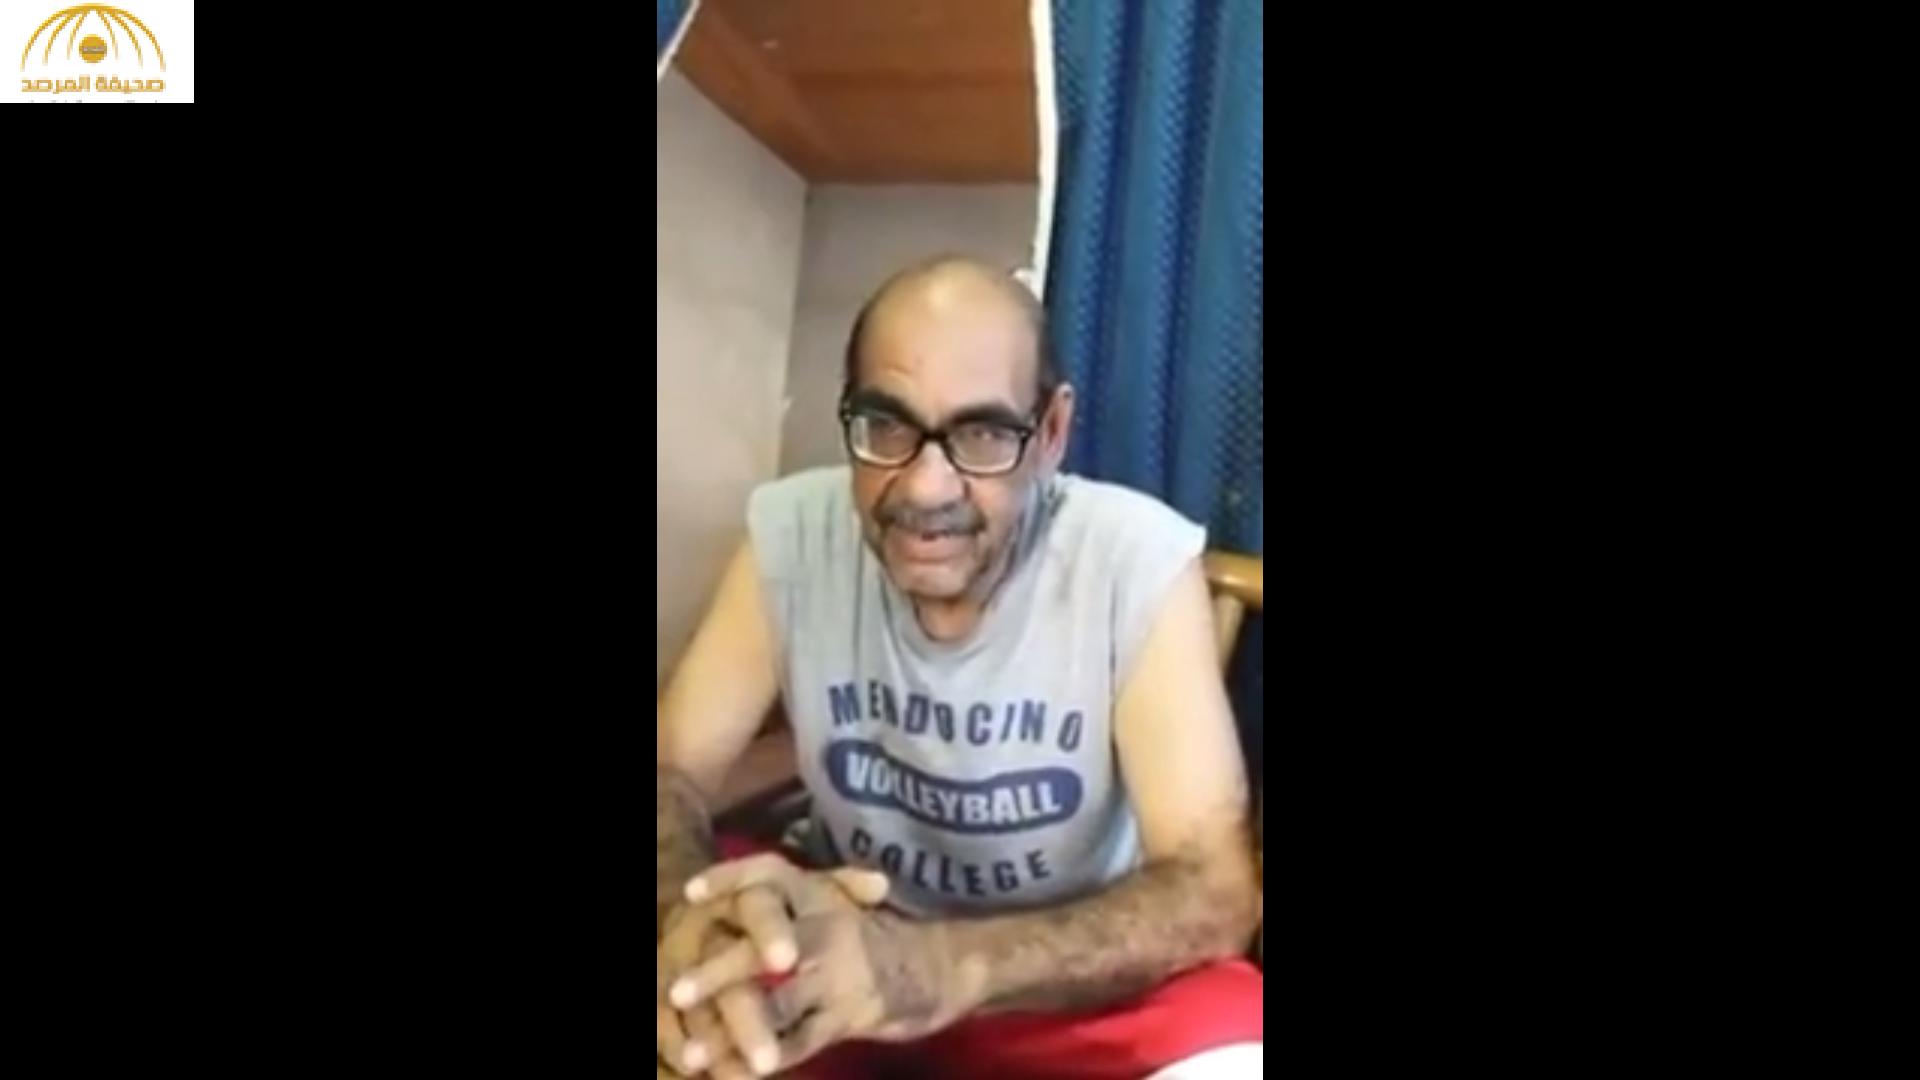 شاهد.. مواطن كويتي يحكي قصته الغريبة بعد أن ذهب إلى الفلبين قبل 30 سنة ولم يستطع العودة